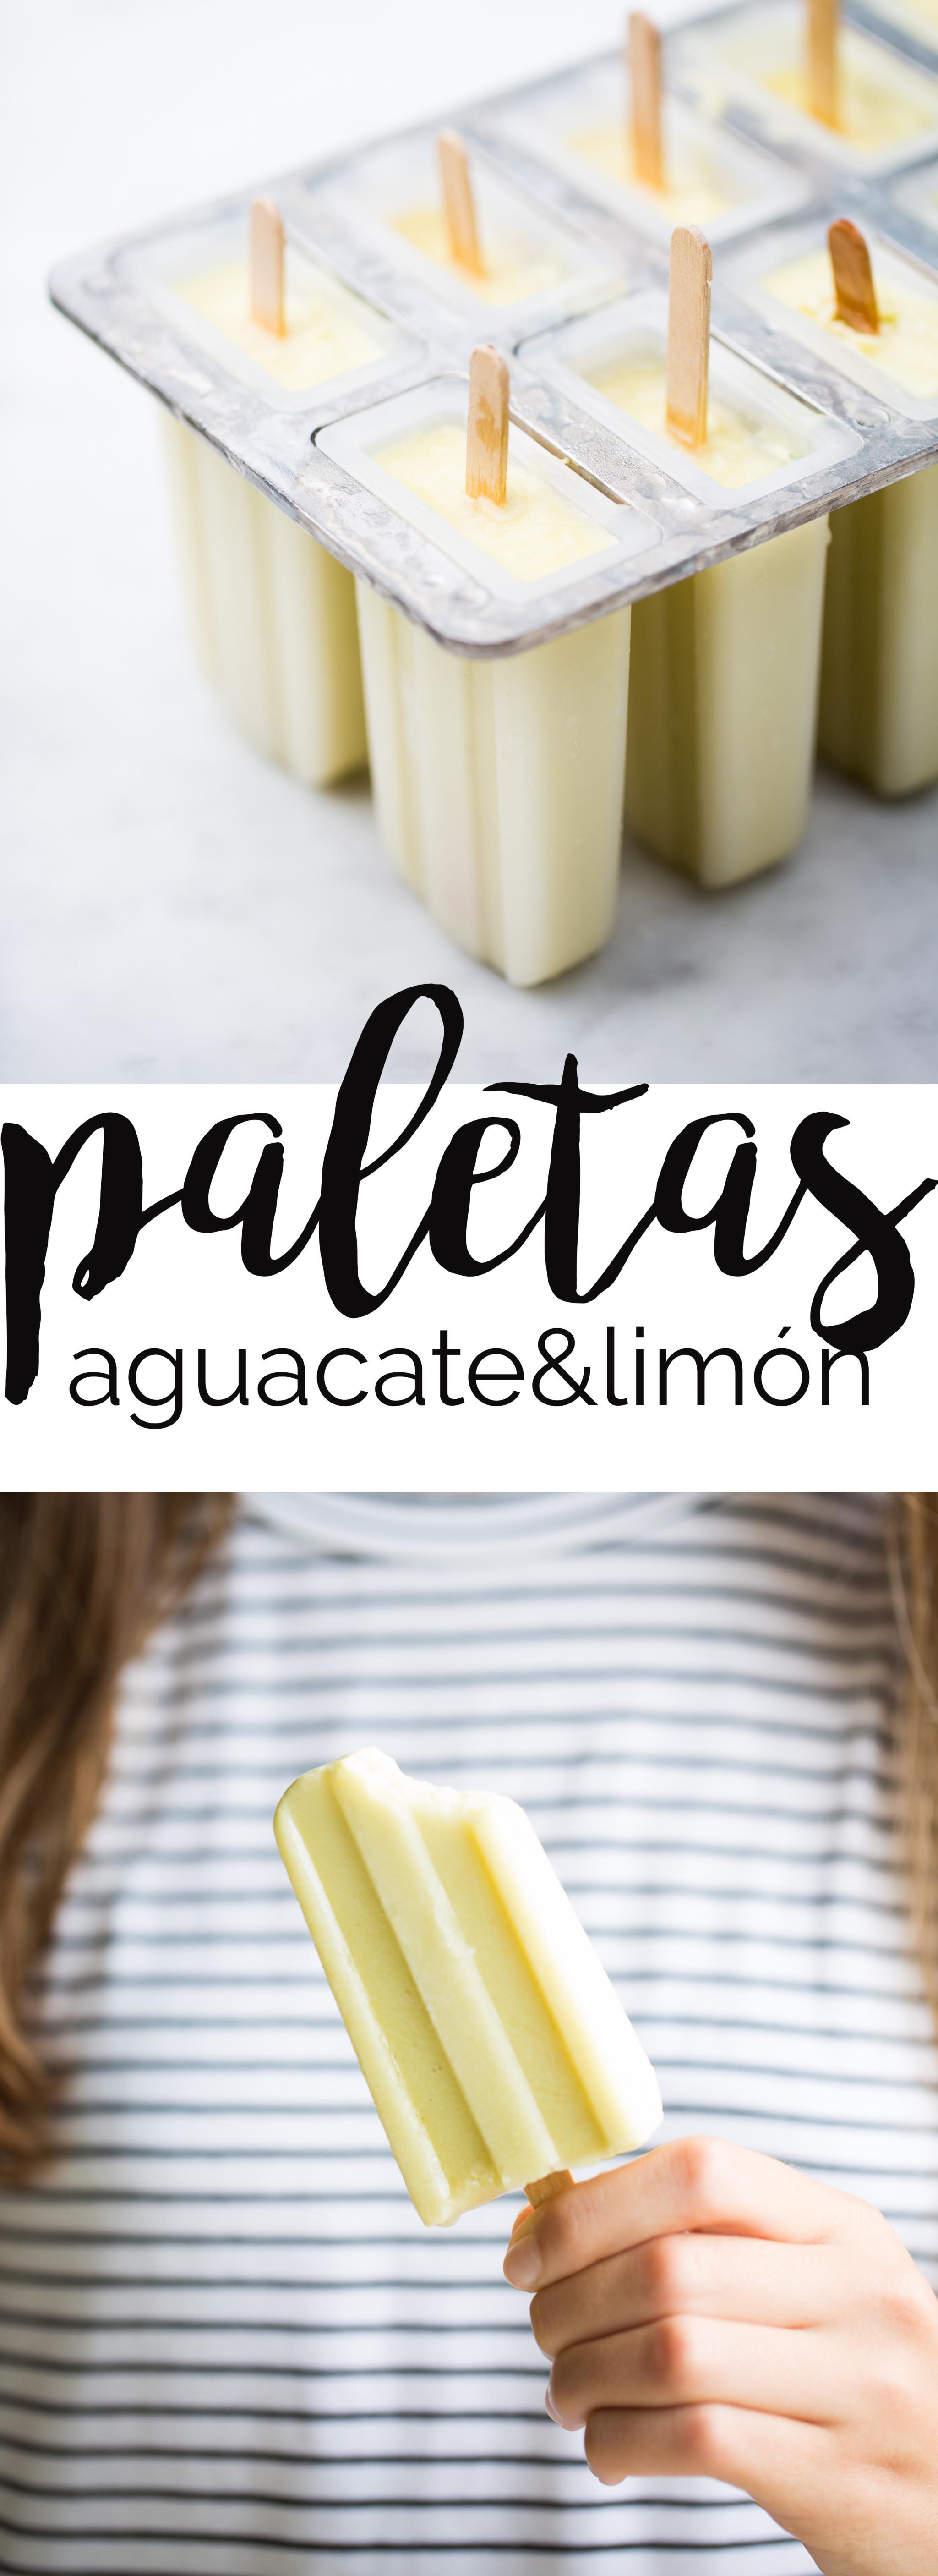 Receta deliciosa y super saludable de aguacate y limón. Son el balance perfecto entre sabor y nutrición.